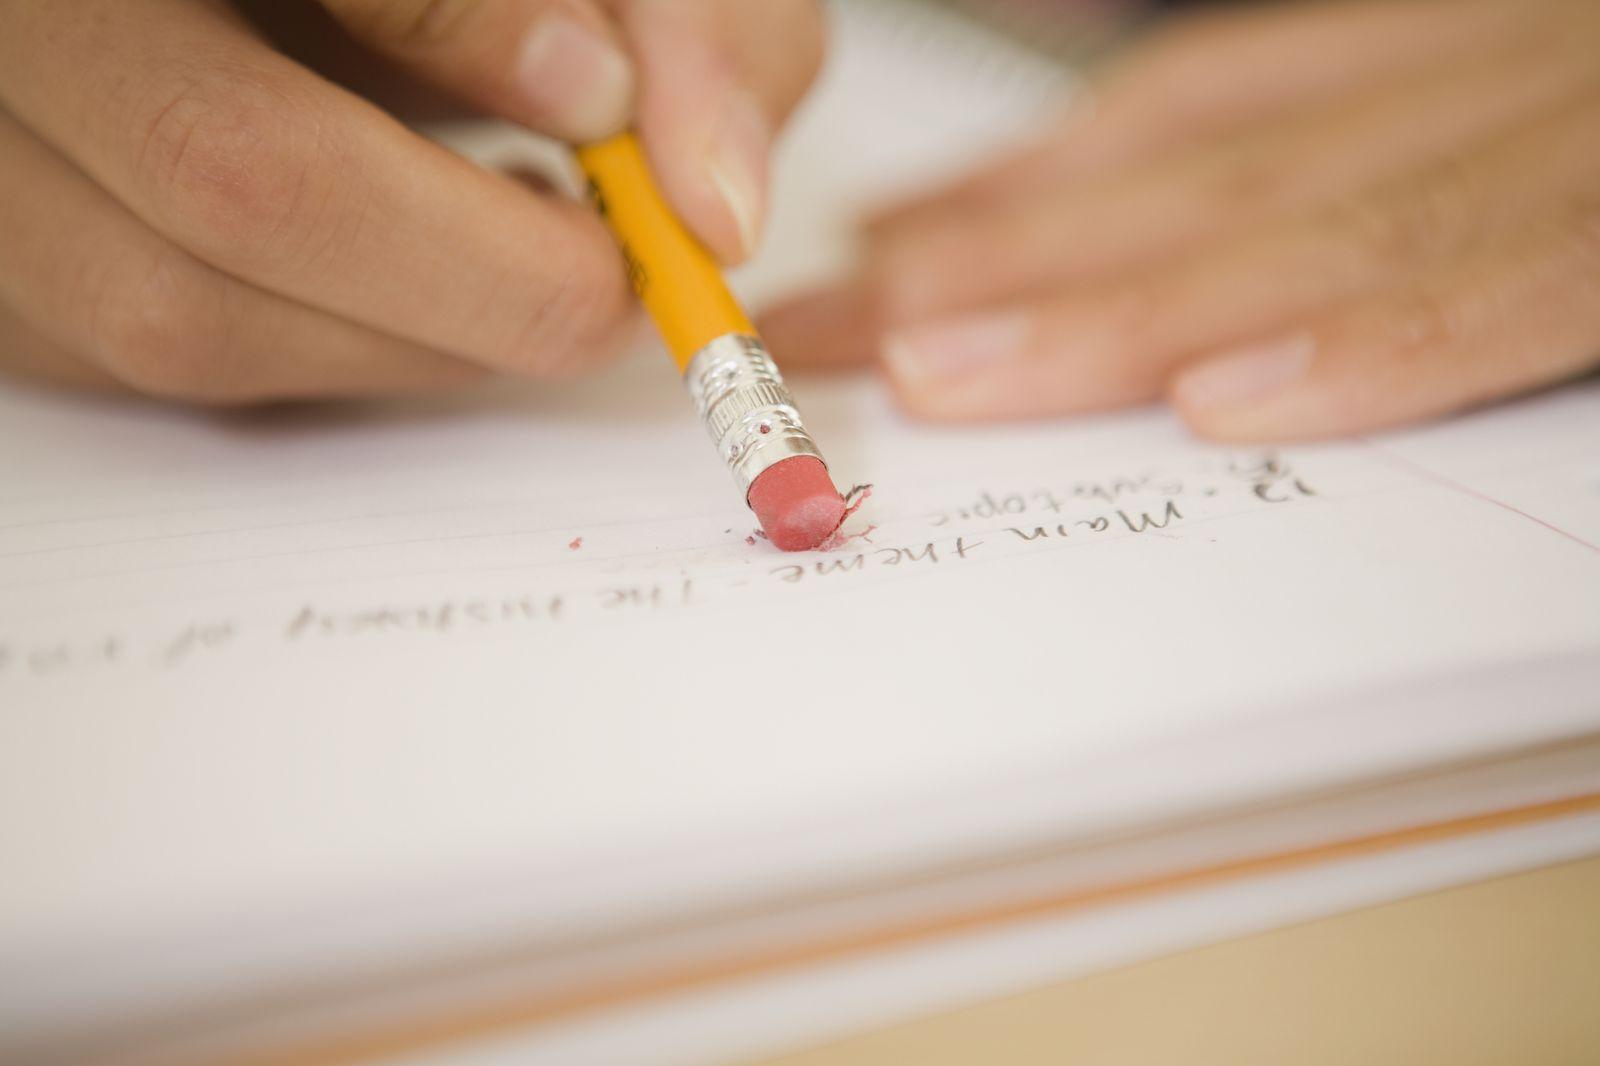 NICHT MEHR VERWENDEN! - Bleistift / Stift / Text / Radiergummi / Zettel / Text / Test